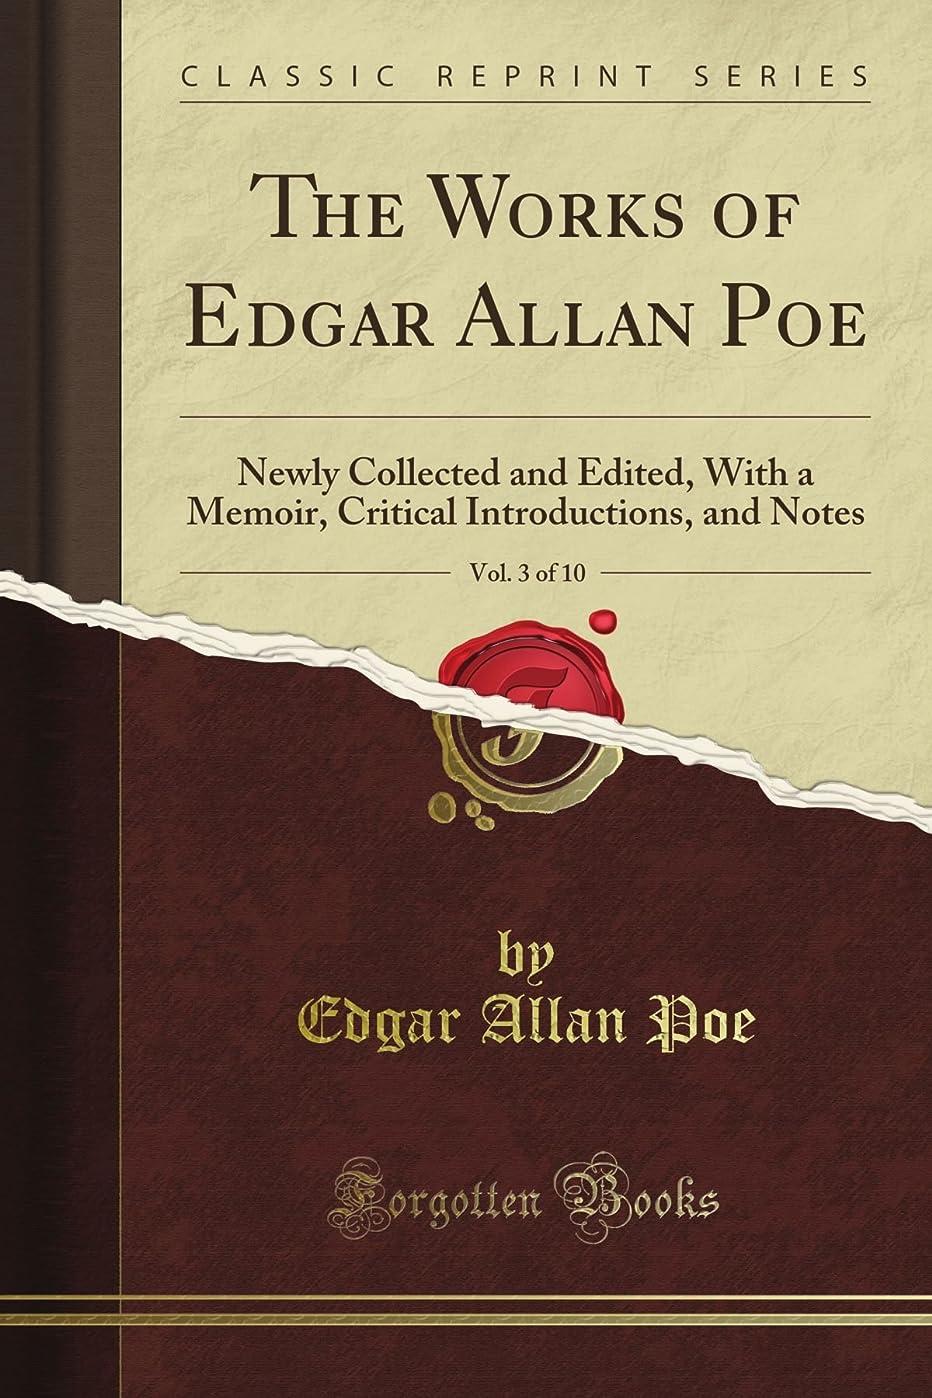 タワー経由で仮定The Works of Edgar Allan Poe: Newly Collected and Edited, With a Memoir, Critical Introductions, and Notes, Vol. 3 of 10 (Classic Reprint)